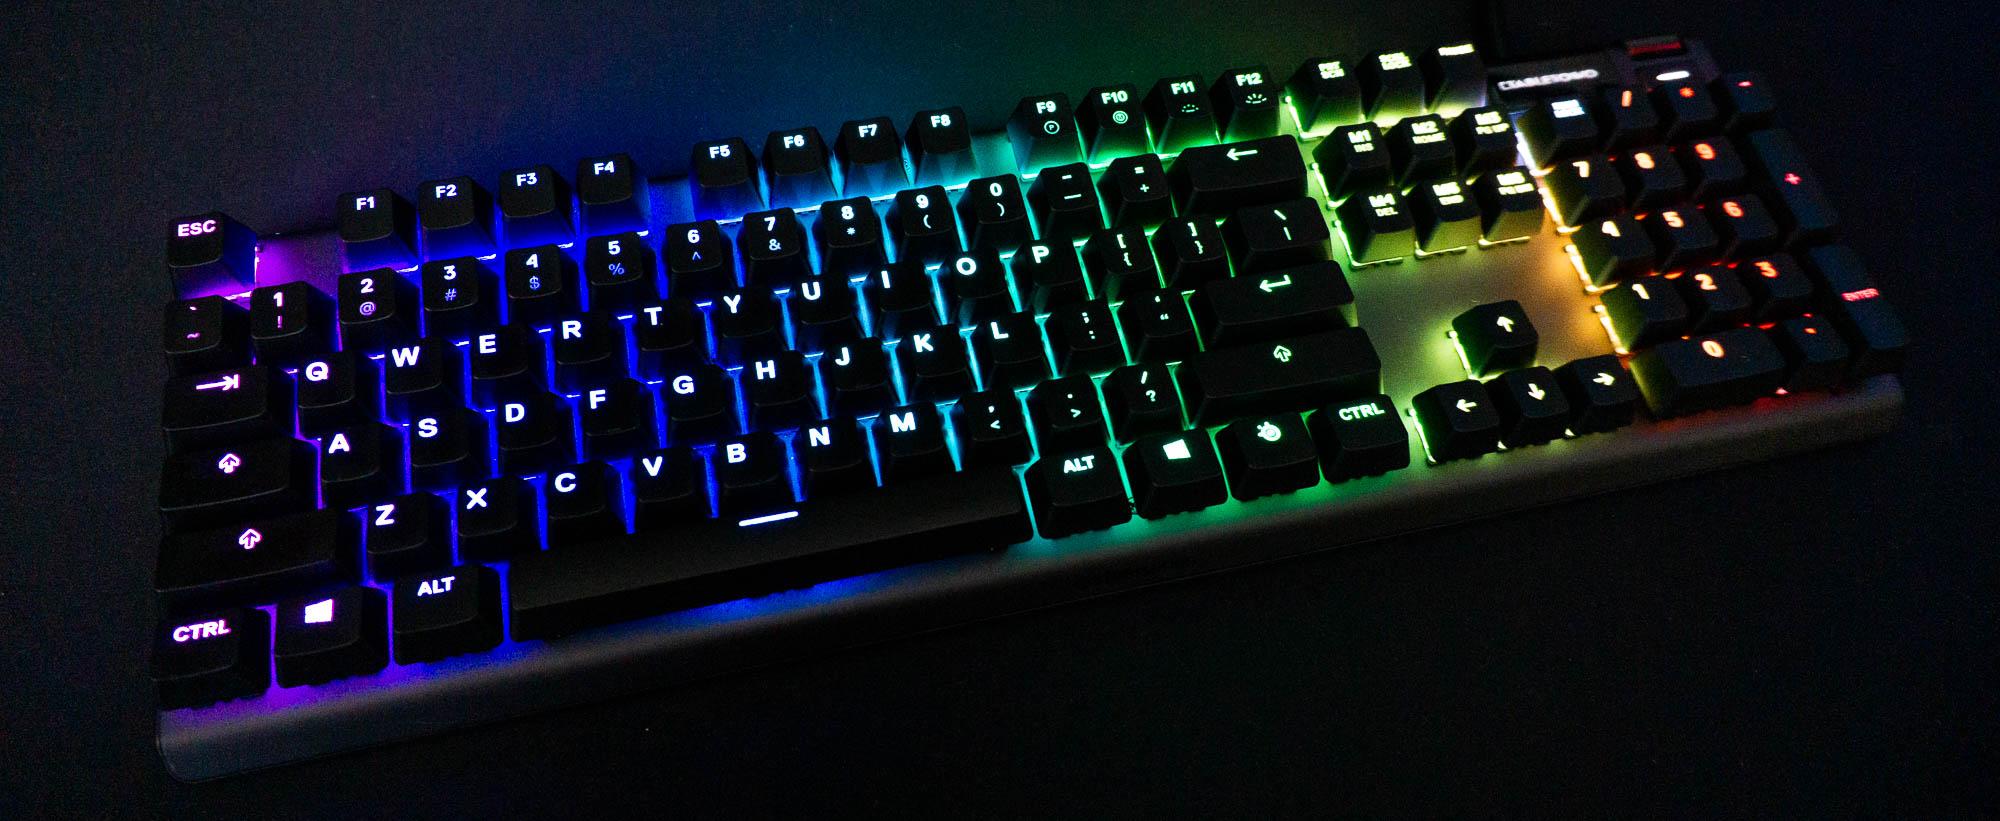 Najlepsza klawiatura dla graczy na świecie - SteelSeries Apex Pro (recenzja)